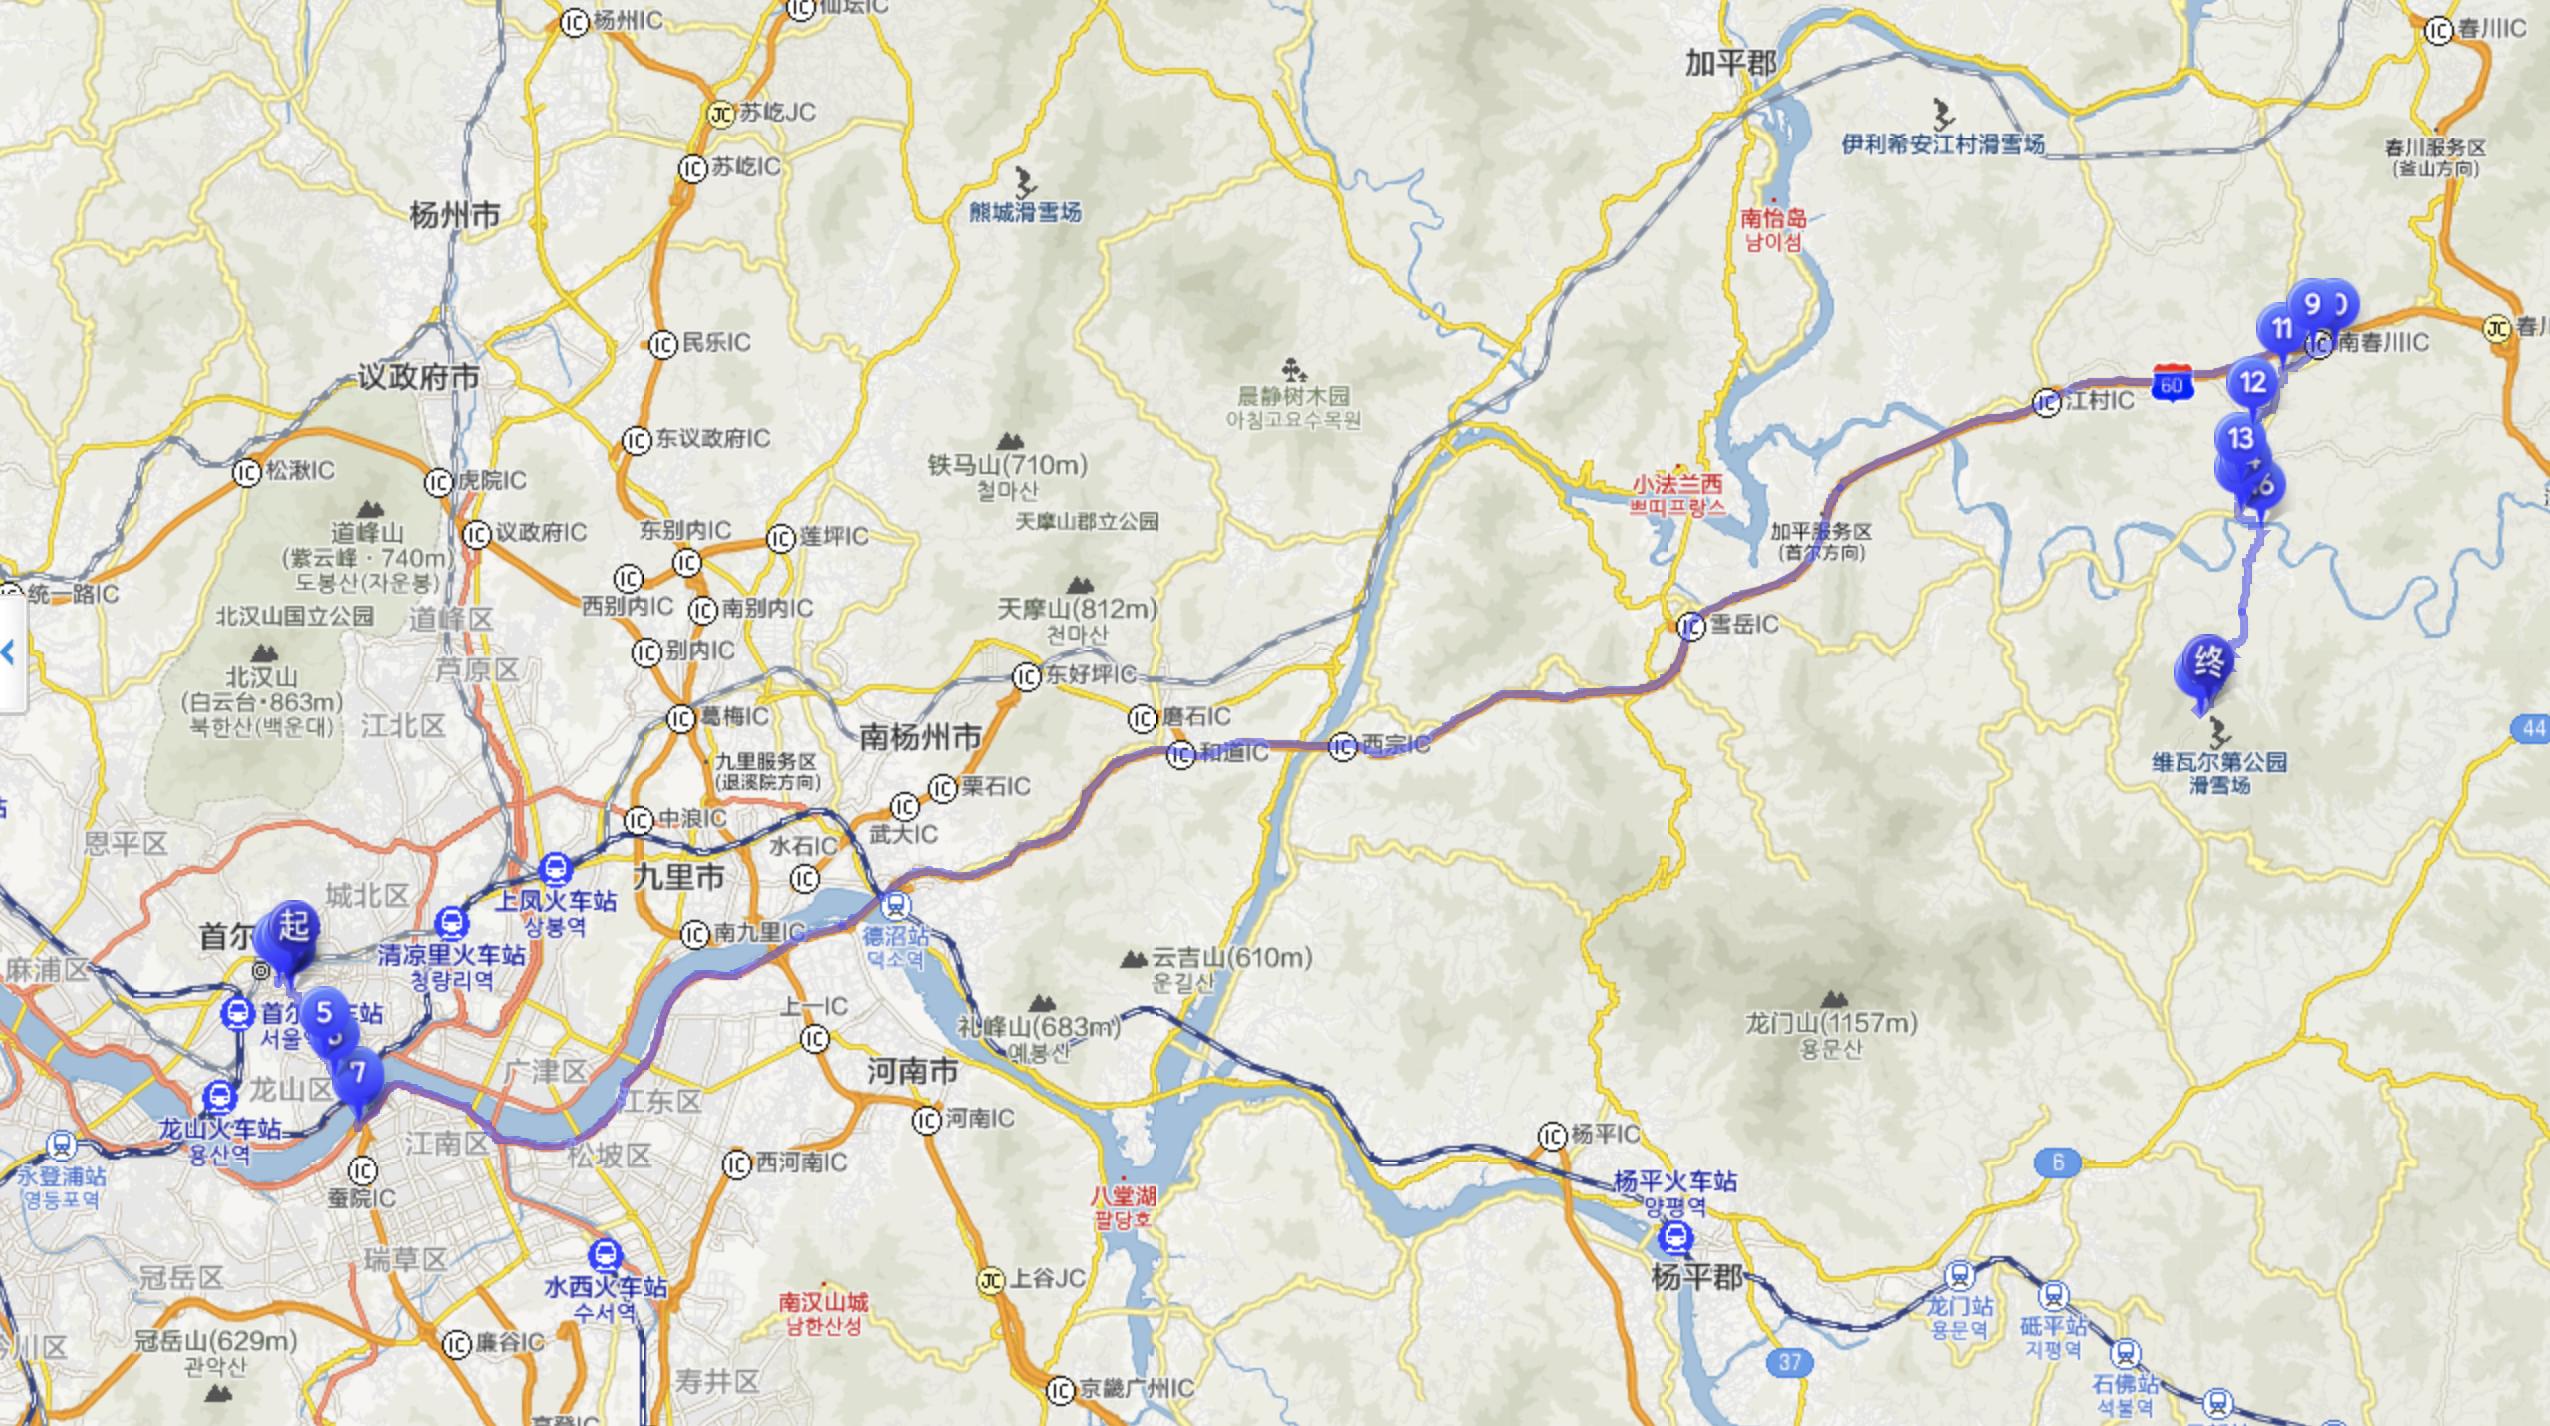 首爾市區-洪川大明滑雪場距離